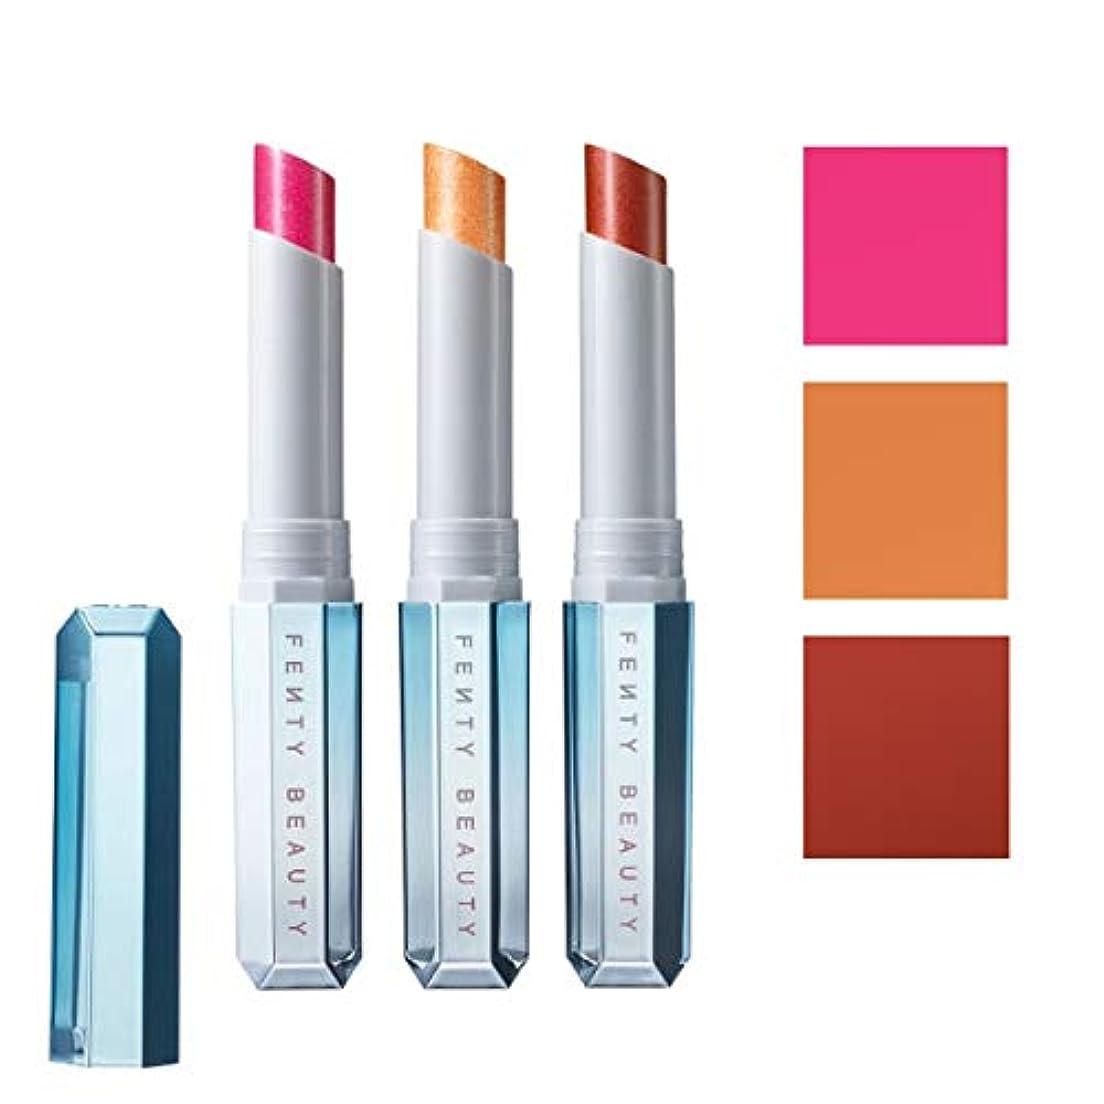 療法ペパーミントハイライトFENTY BEAUTY BY RIHANNA 限定版 limited-edition, Frosted Metal Lipstick 3pc Set - Snow Daze [海外直送品] [並行輸入品]